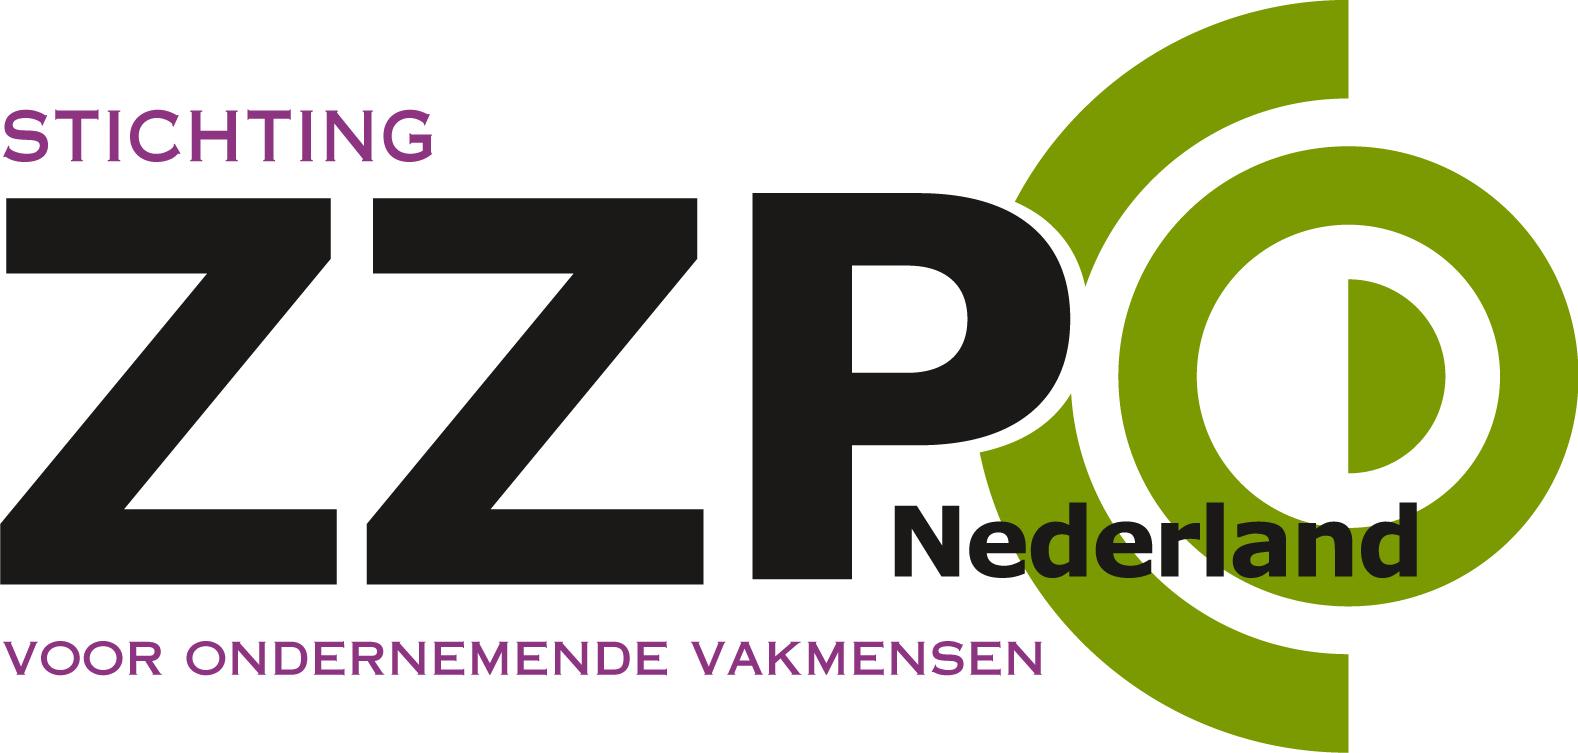 logo ZZP Nederland stichting